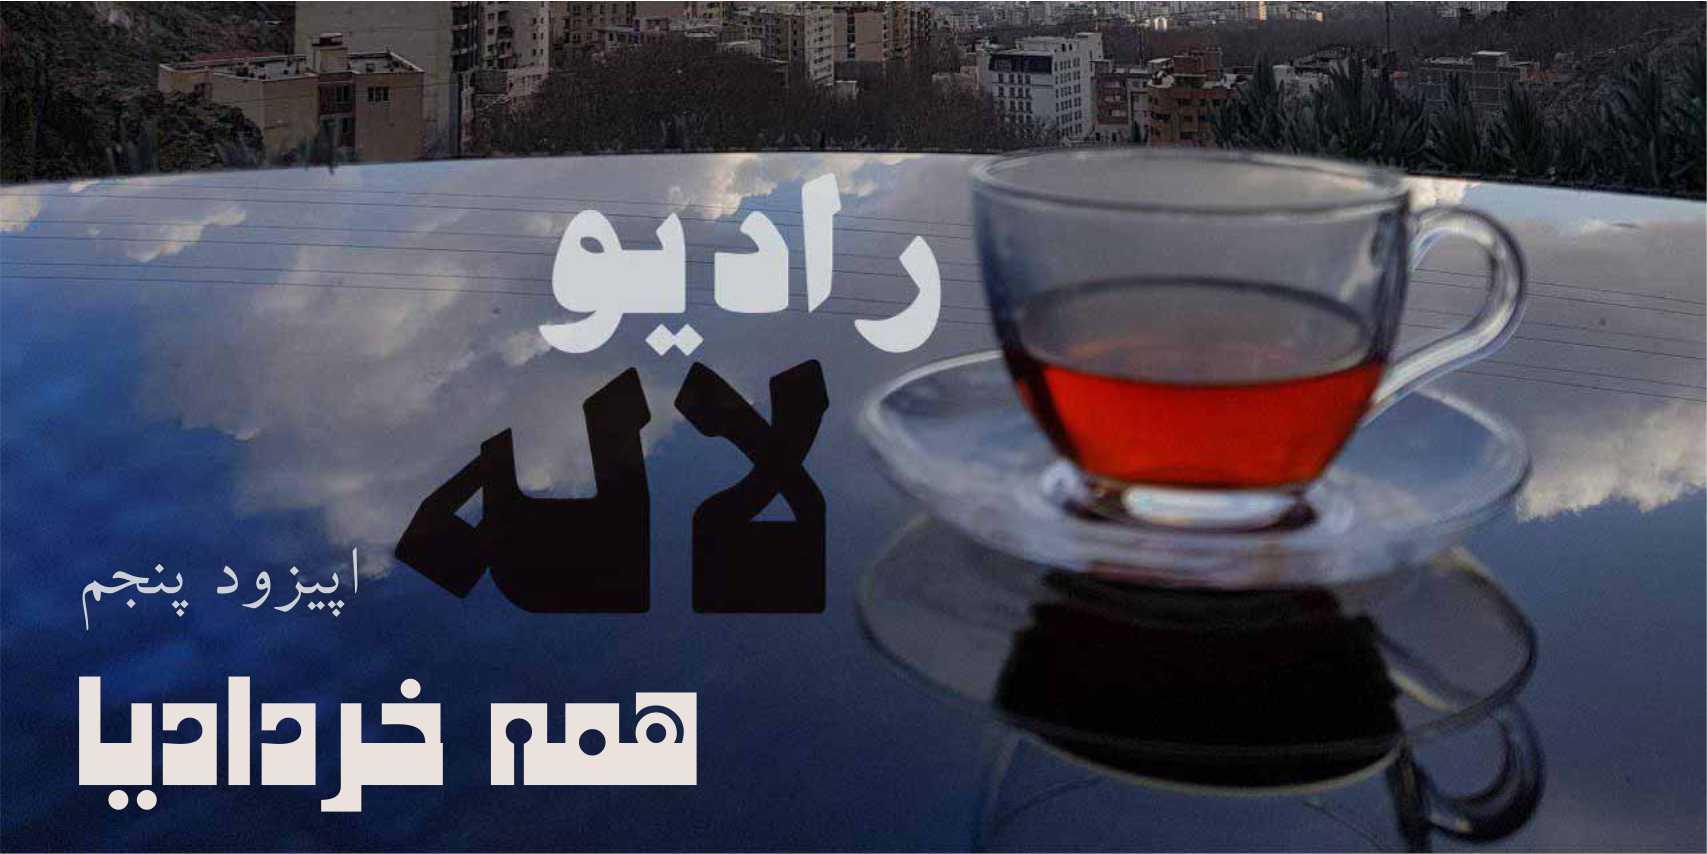 اپیزود پنجم رادیو لاله: همه خردادیا!